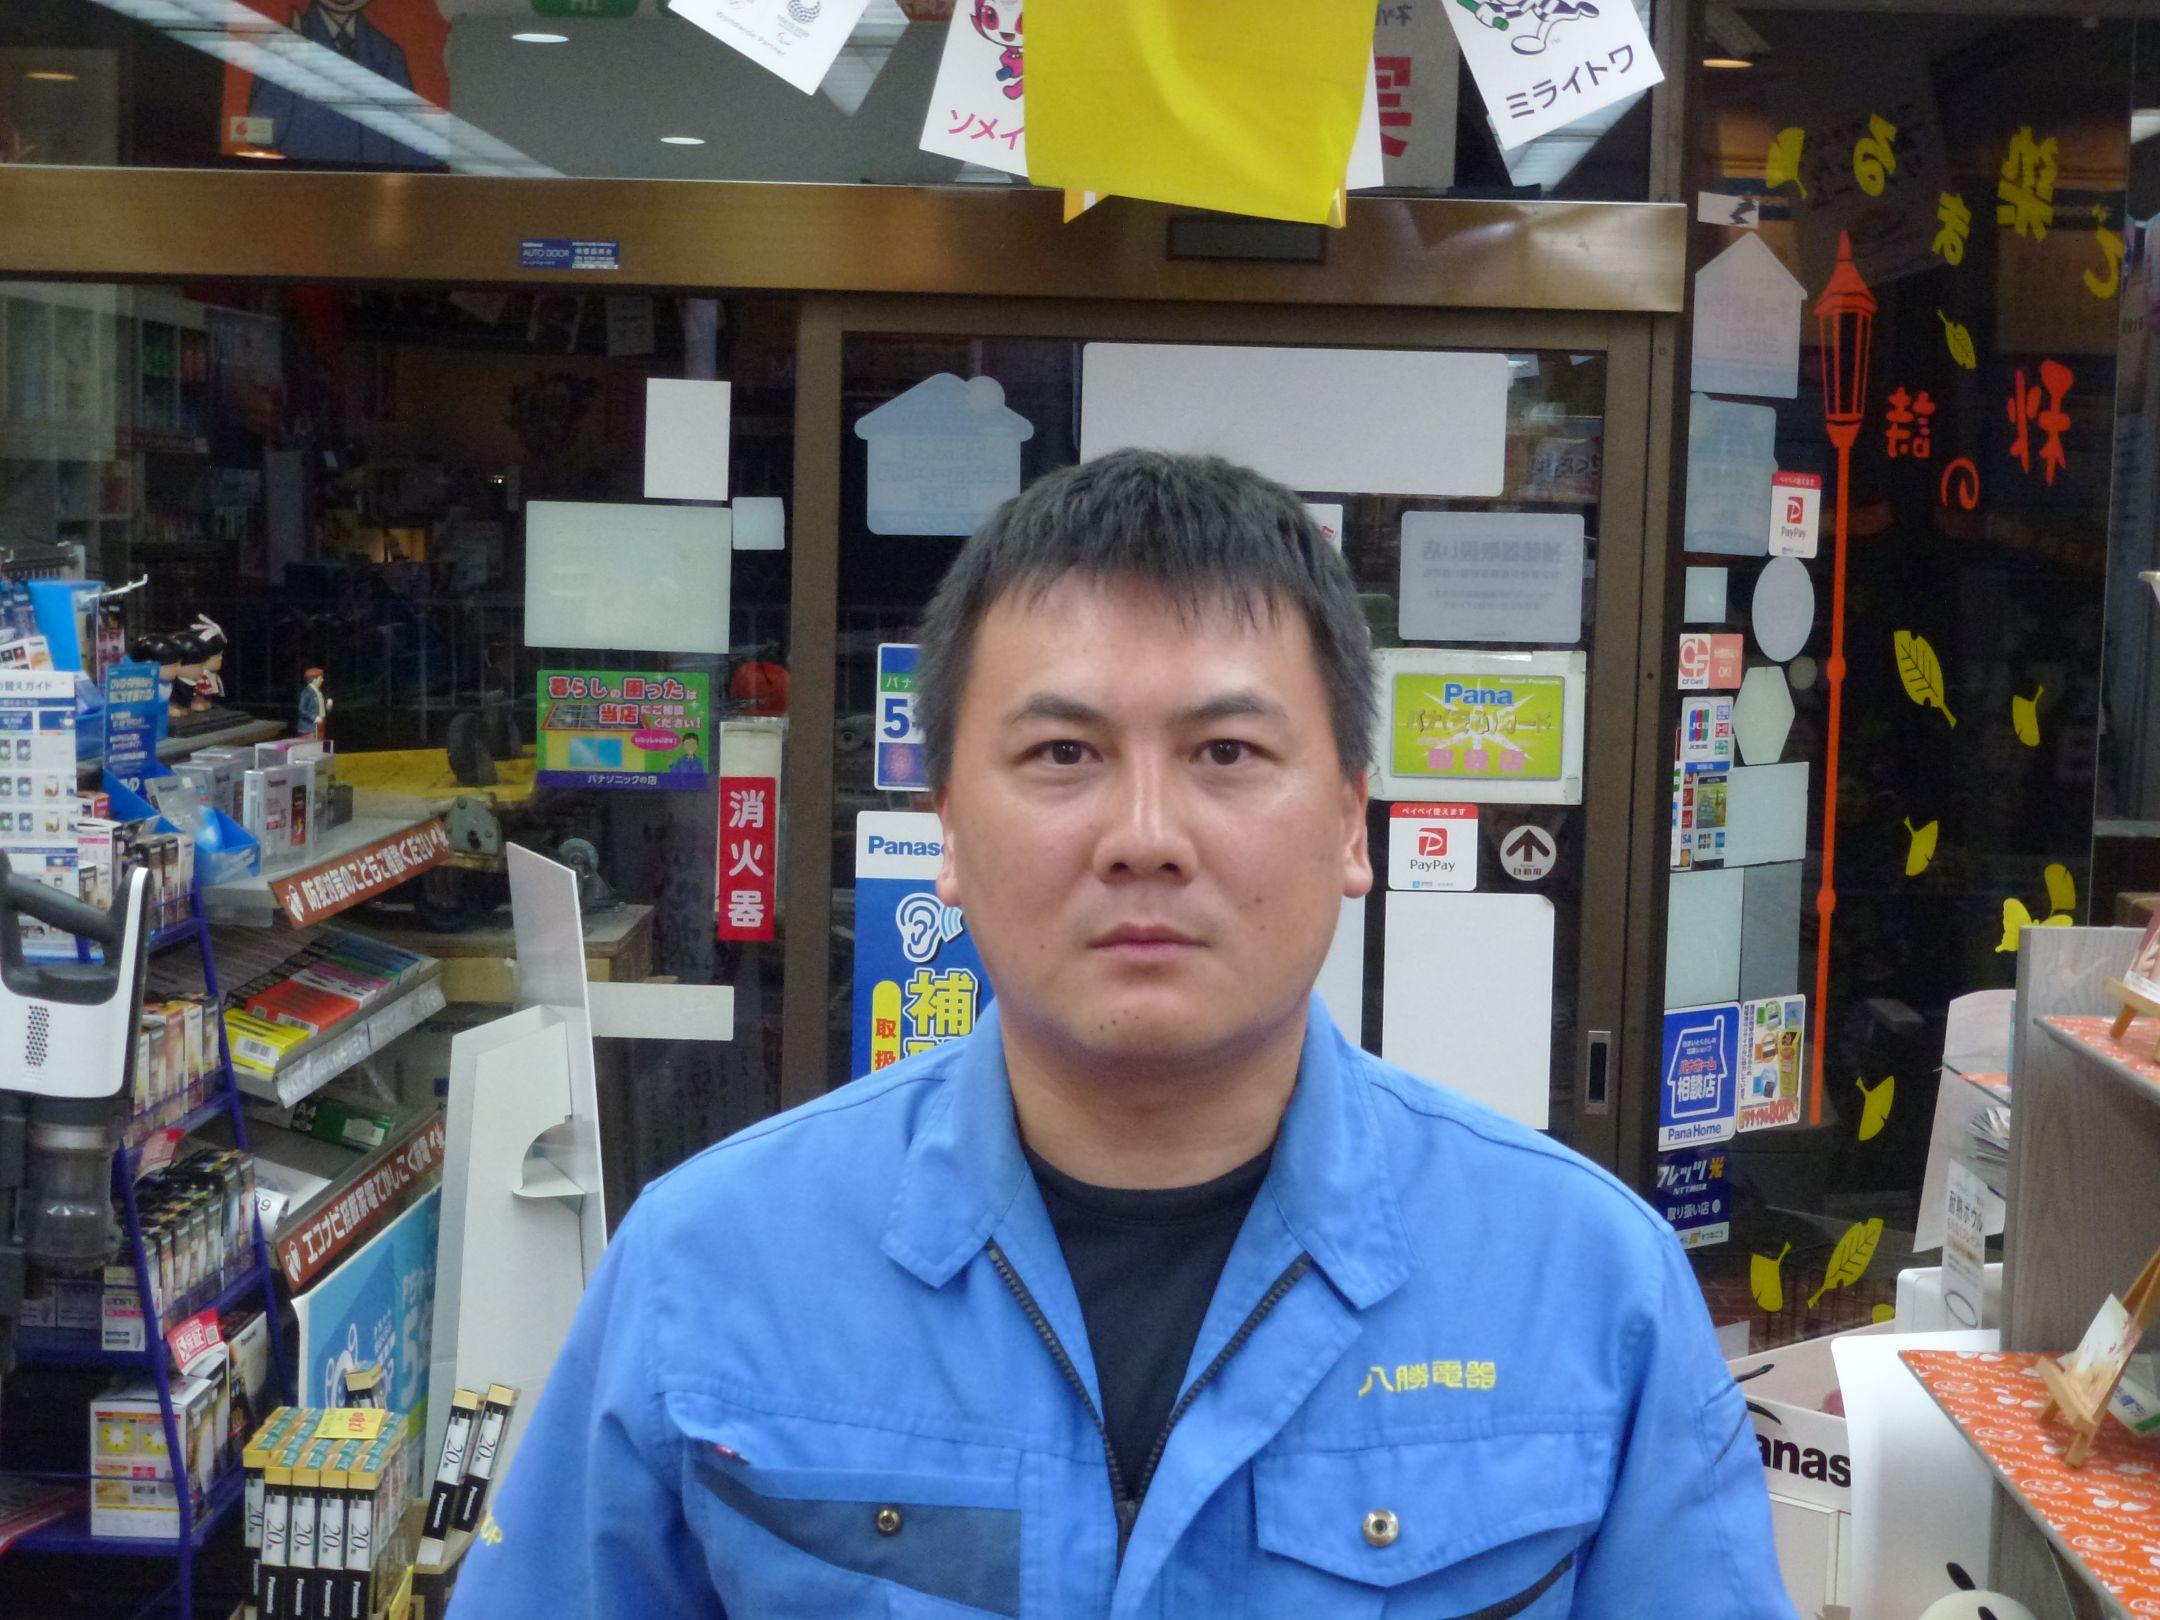 保有資格第二種電気工事士 愛知県知事第117217号  ・好きな食べ物  焼肉 ・趣味      草野球 ・休日の過ごし方 家族と過ごす ・得意な家電   テレビなど映像関係